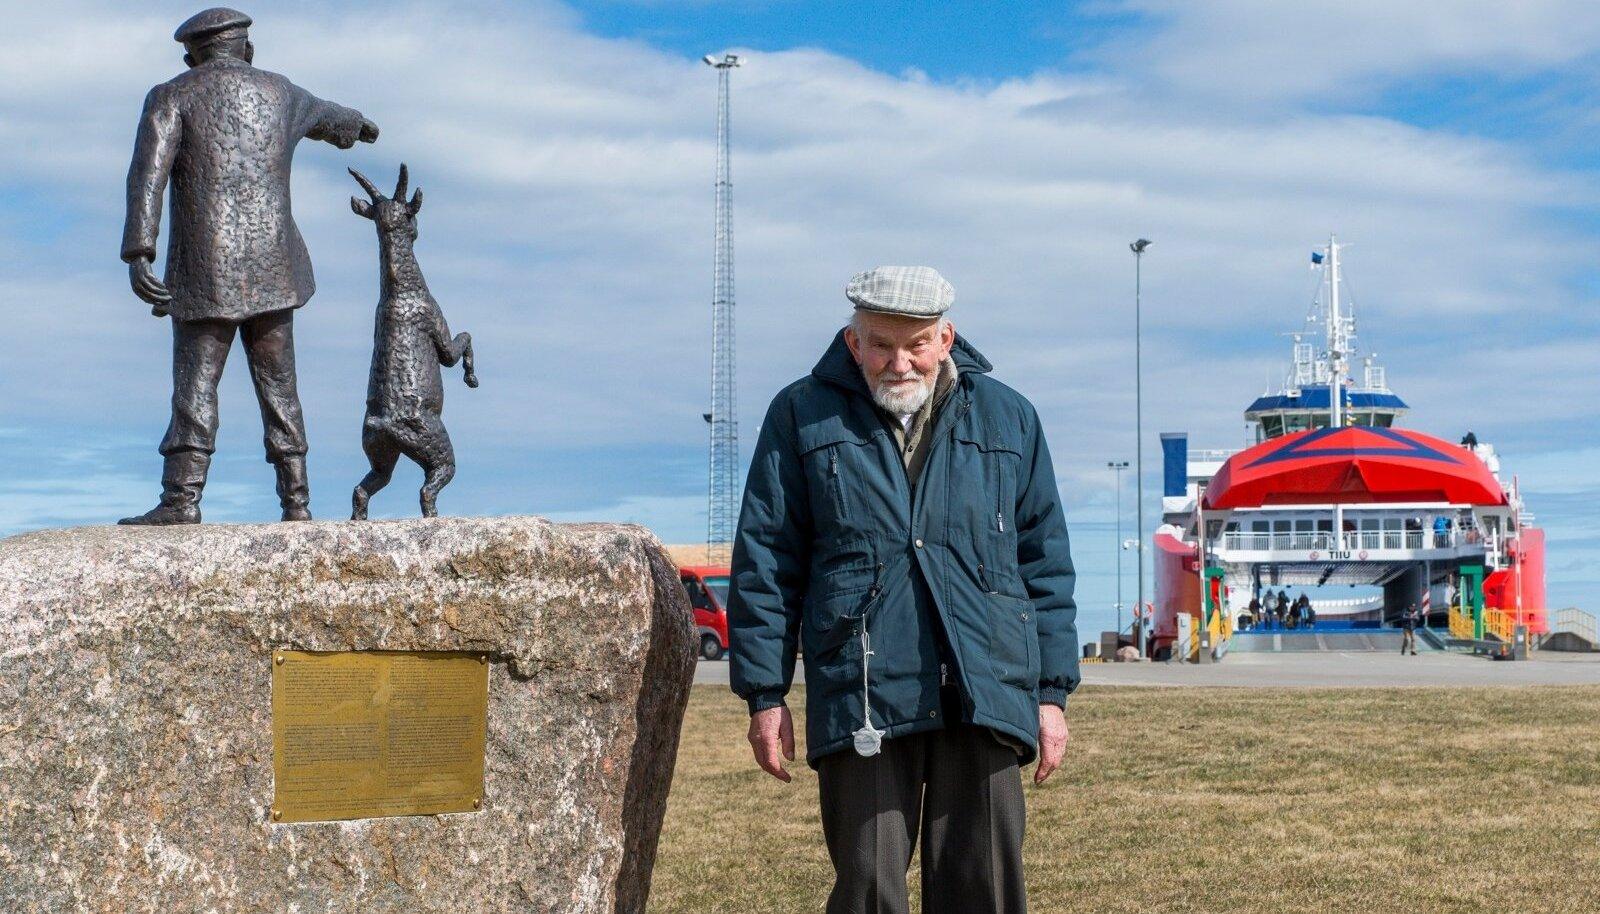 """Heltermaa sadamahoone vastas suurel kivirahnul seisab Simson von Seakylli ja Paul Männi skulptuur """"Vanamees kitsega"""". Mehe prototüübiks on Tõnu Otsason."""